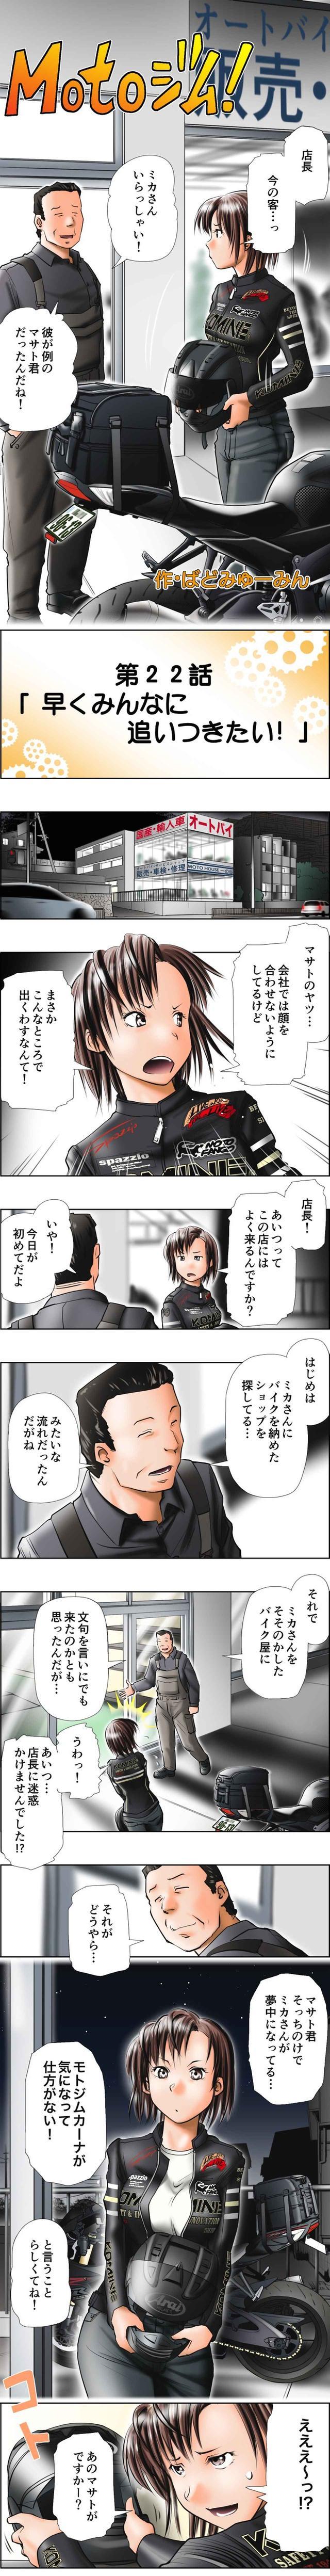 画像: Motoジム!(第22話:早くみんなに追いつきたい!) 作・ばどみゅーみん - Webオートバイ